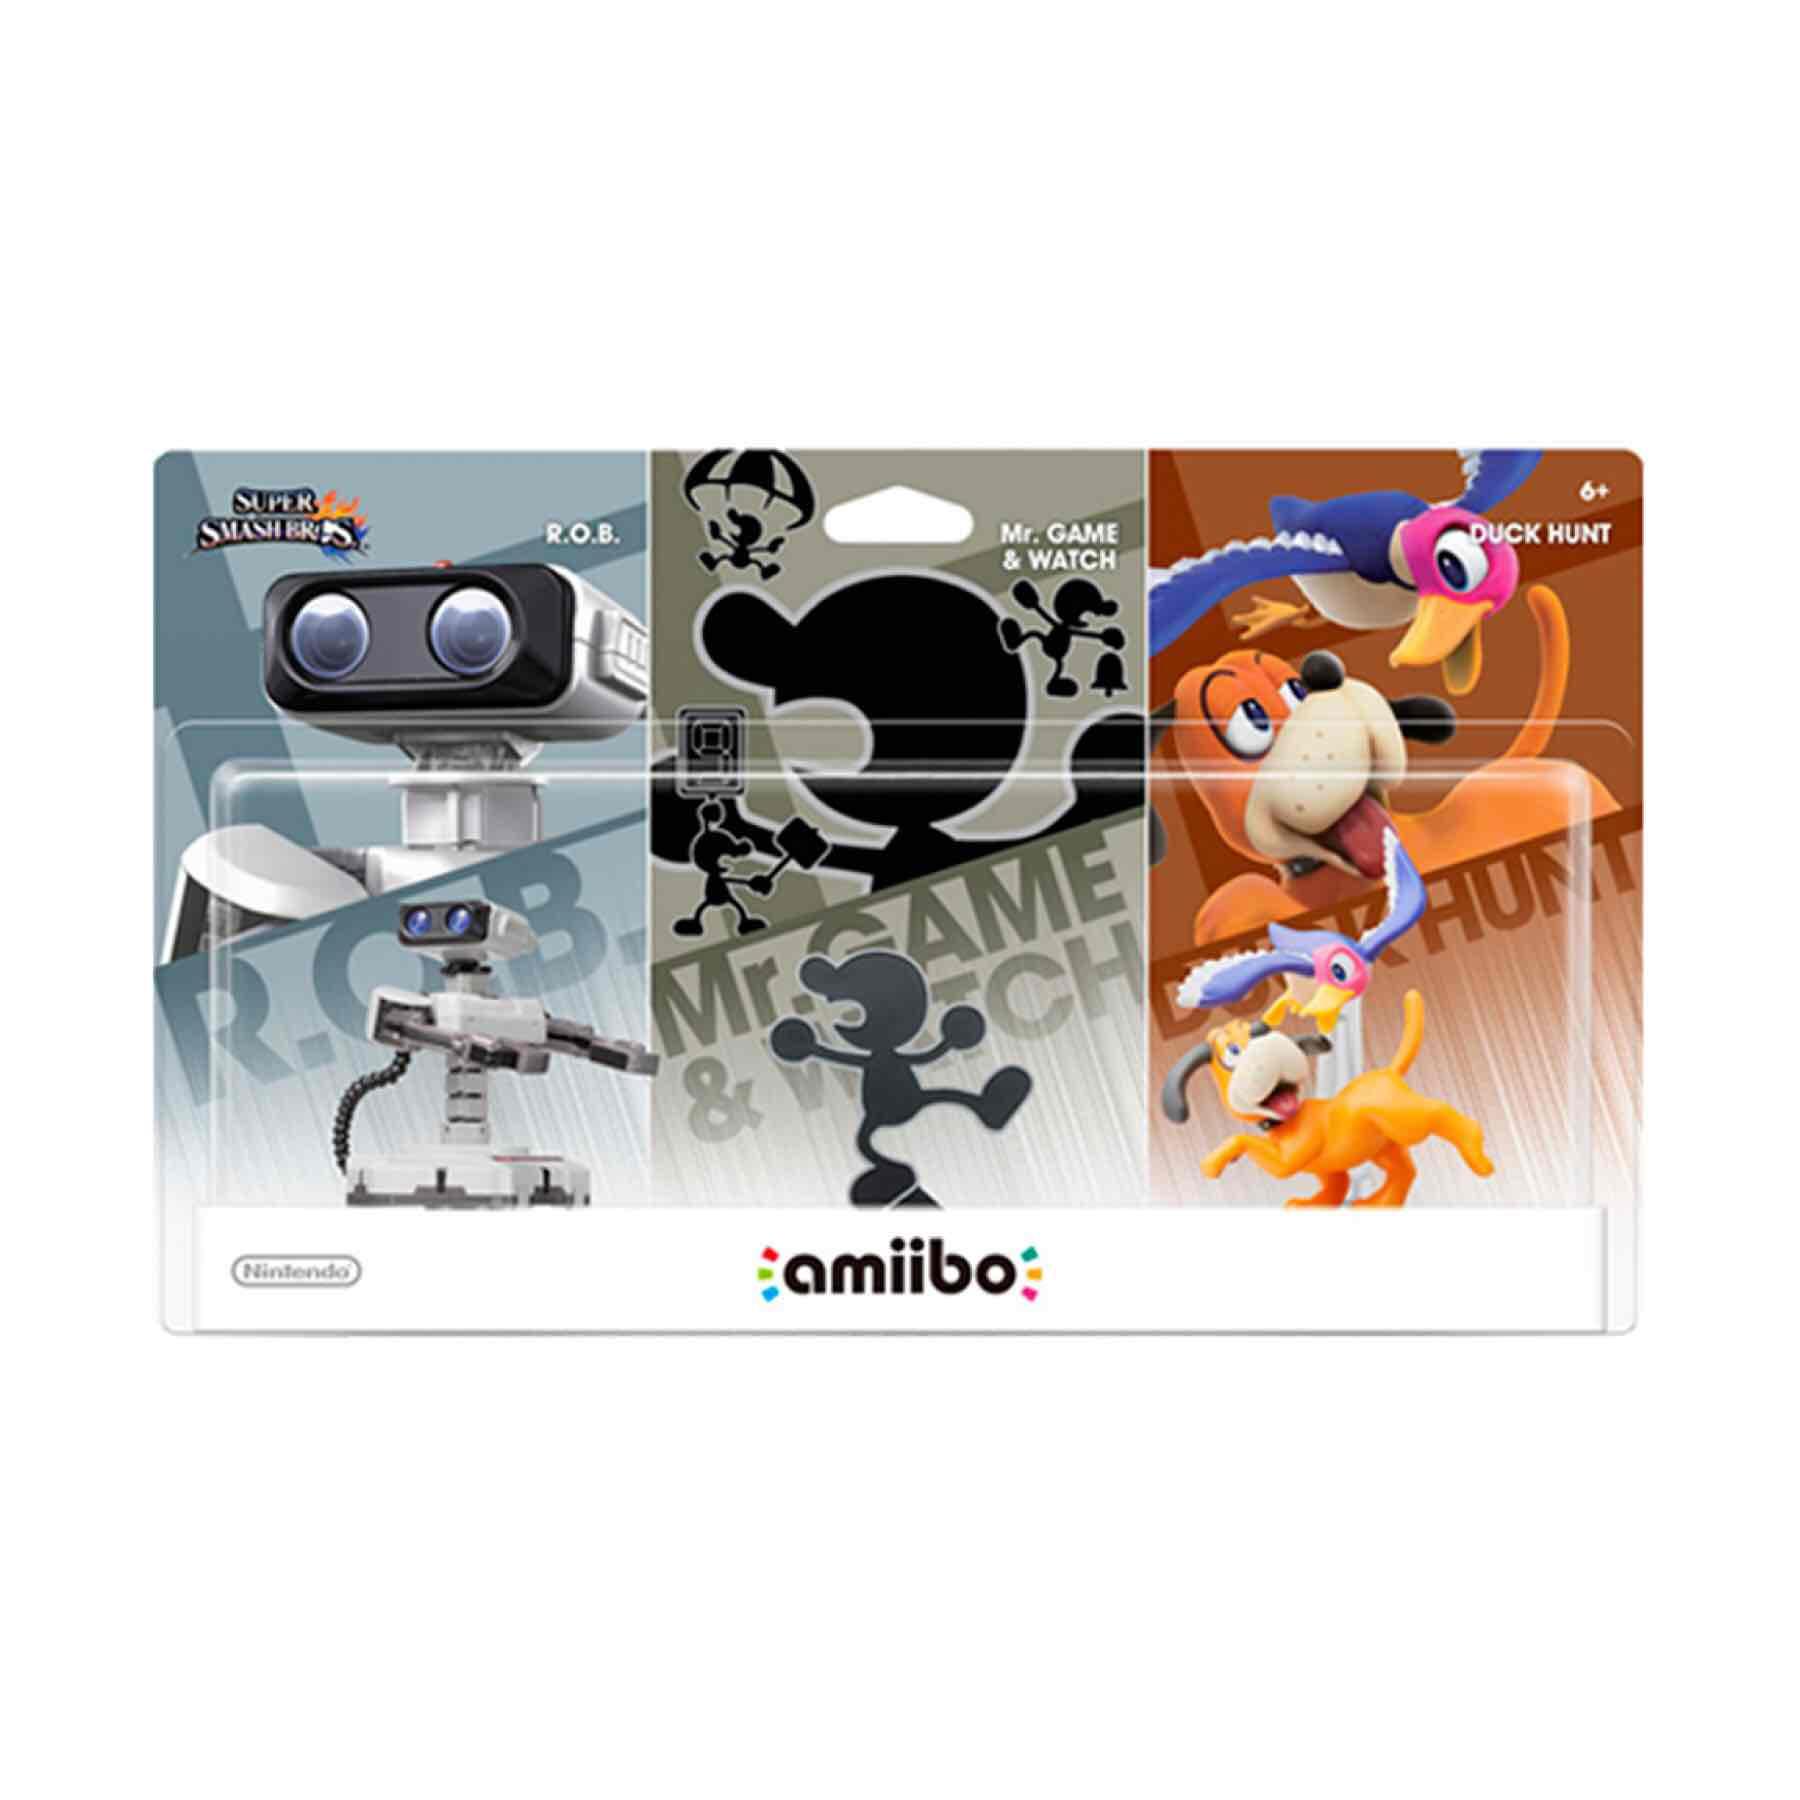 Palacio de Hierro en línea: Amiibo retro 3-pack